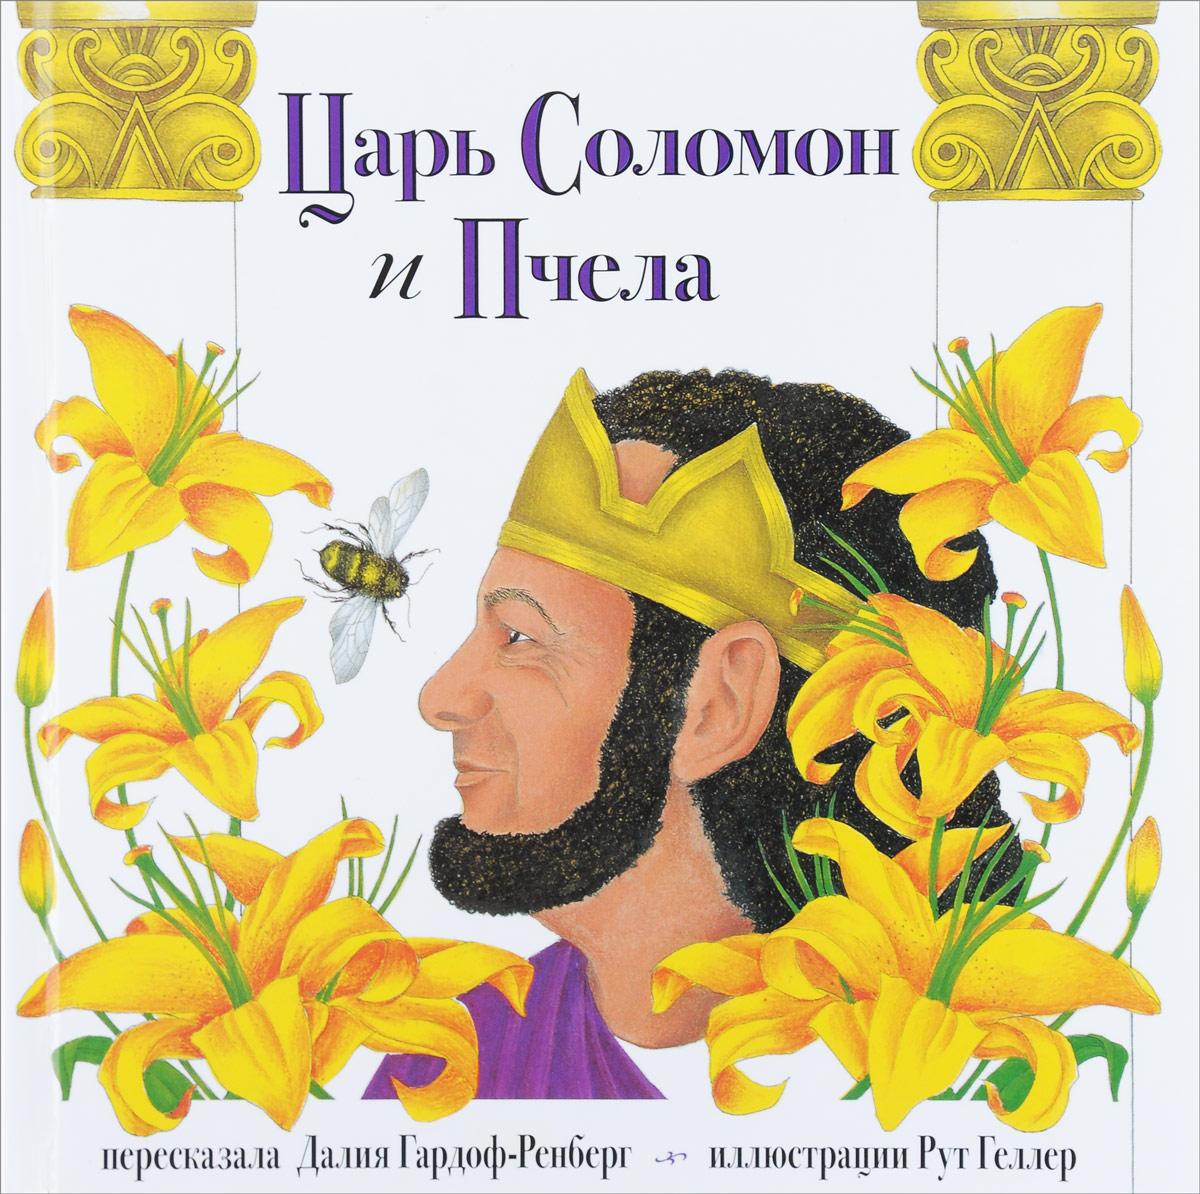 Гардоф-Ренберг Д. Царь Соломон и пчела библия терапия поможет тебе в трудную минуту